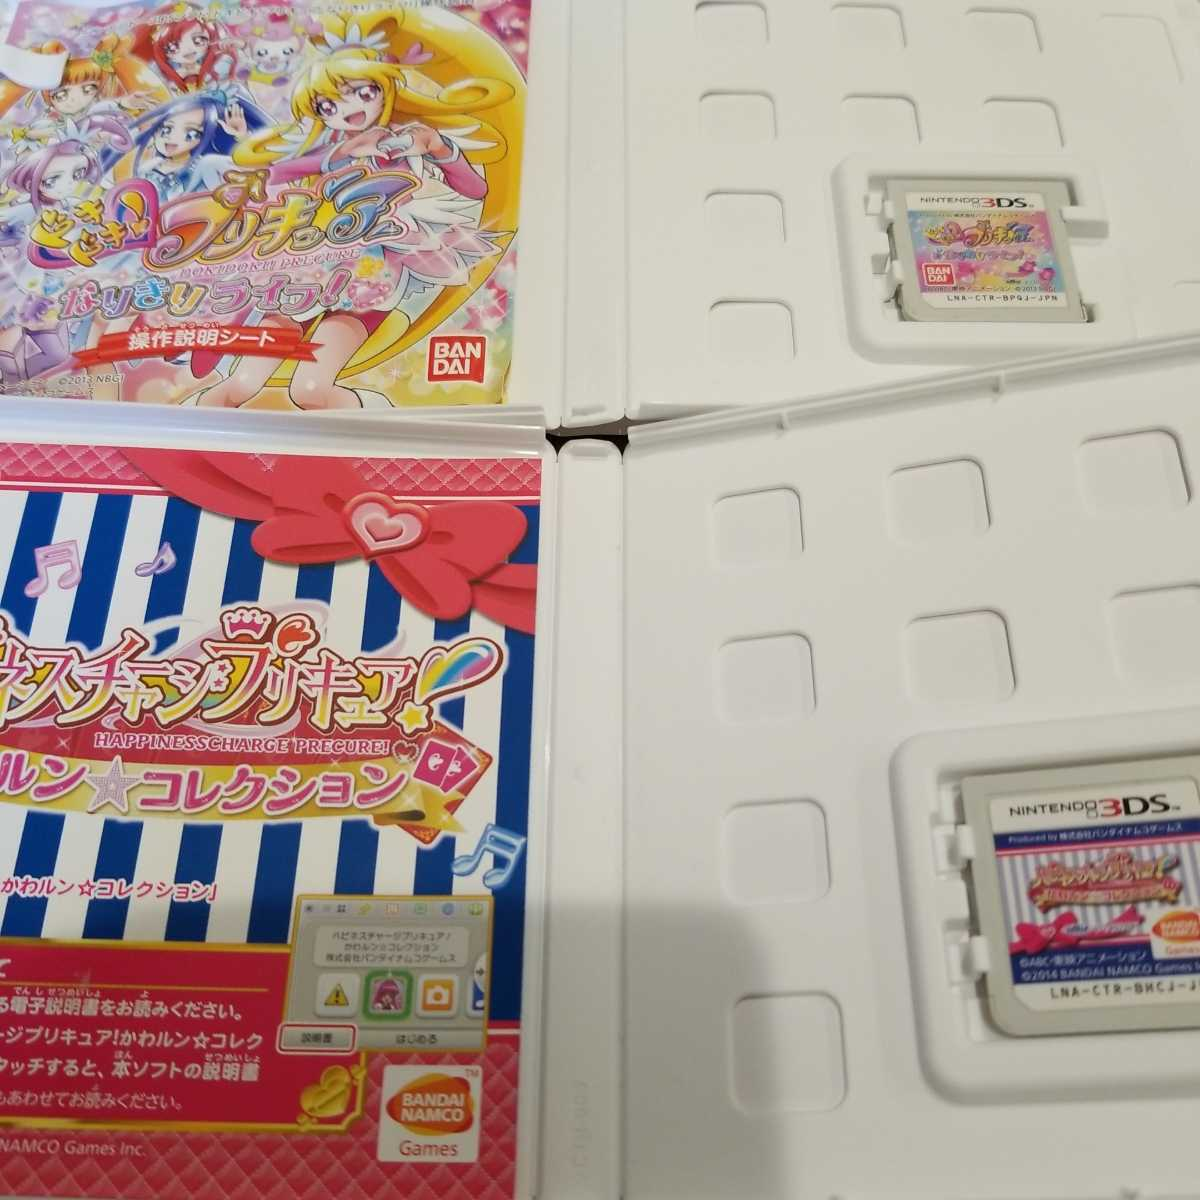 【4本セット】 3DS ソフト まとめ売り プリンセスプリキュア スマイルプリキュア ドキドキプリキュア ハピネスチャージプリキュア